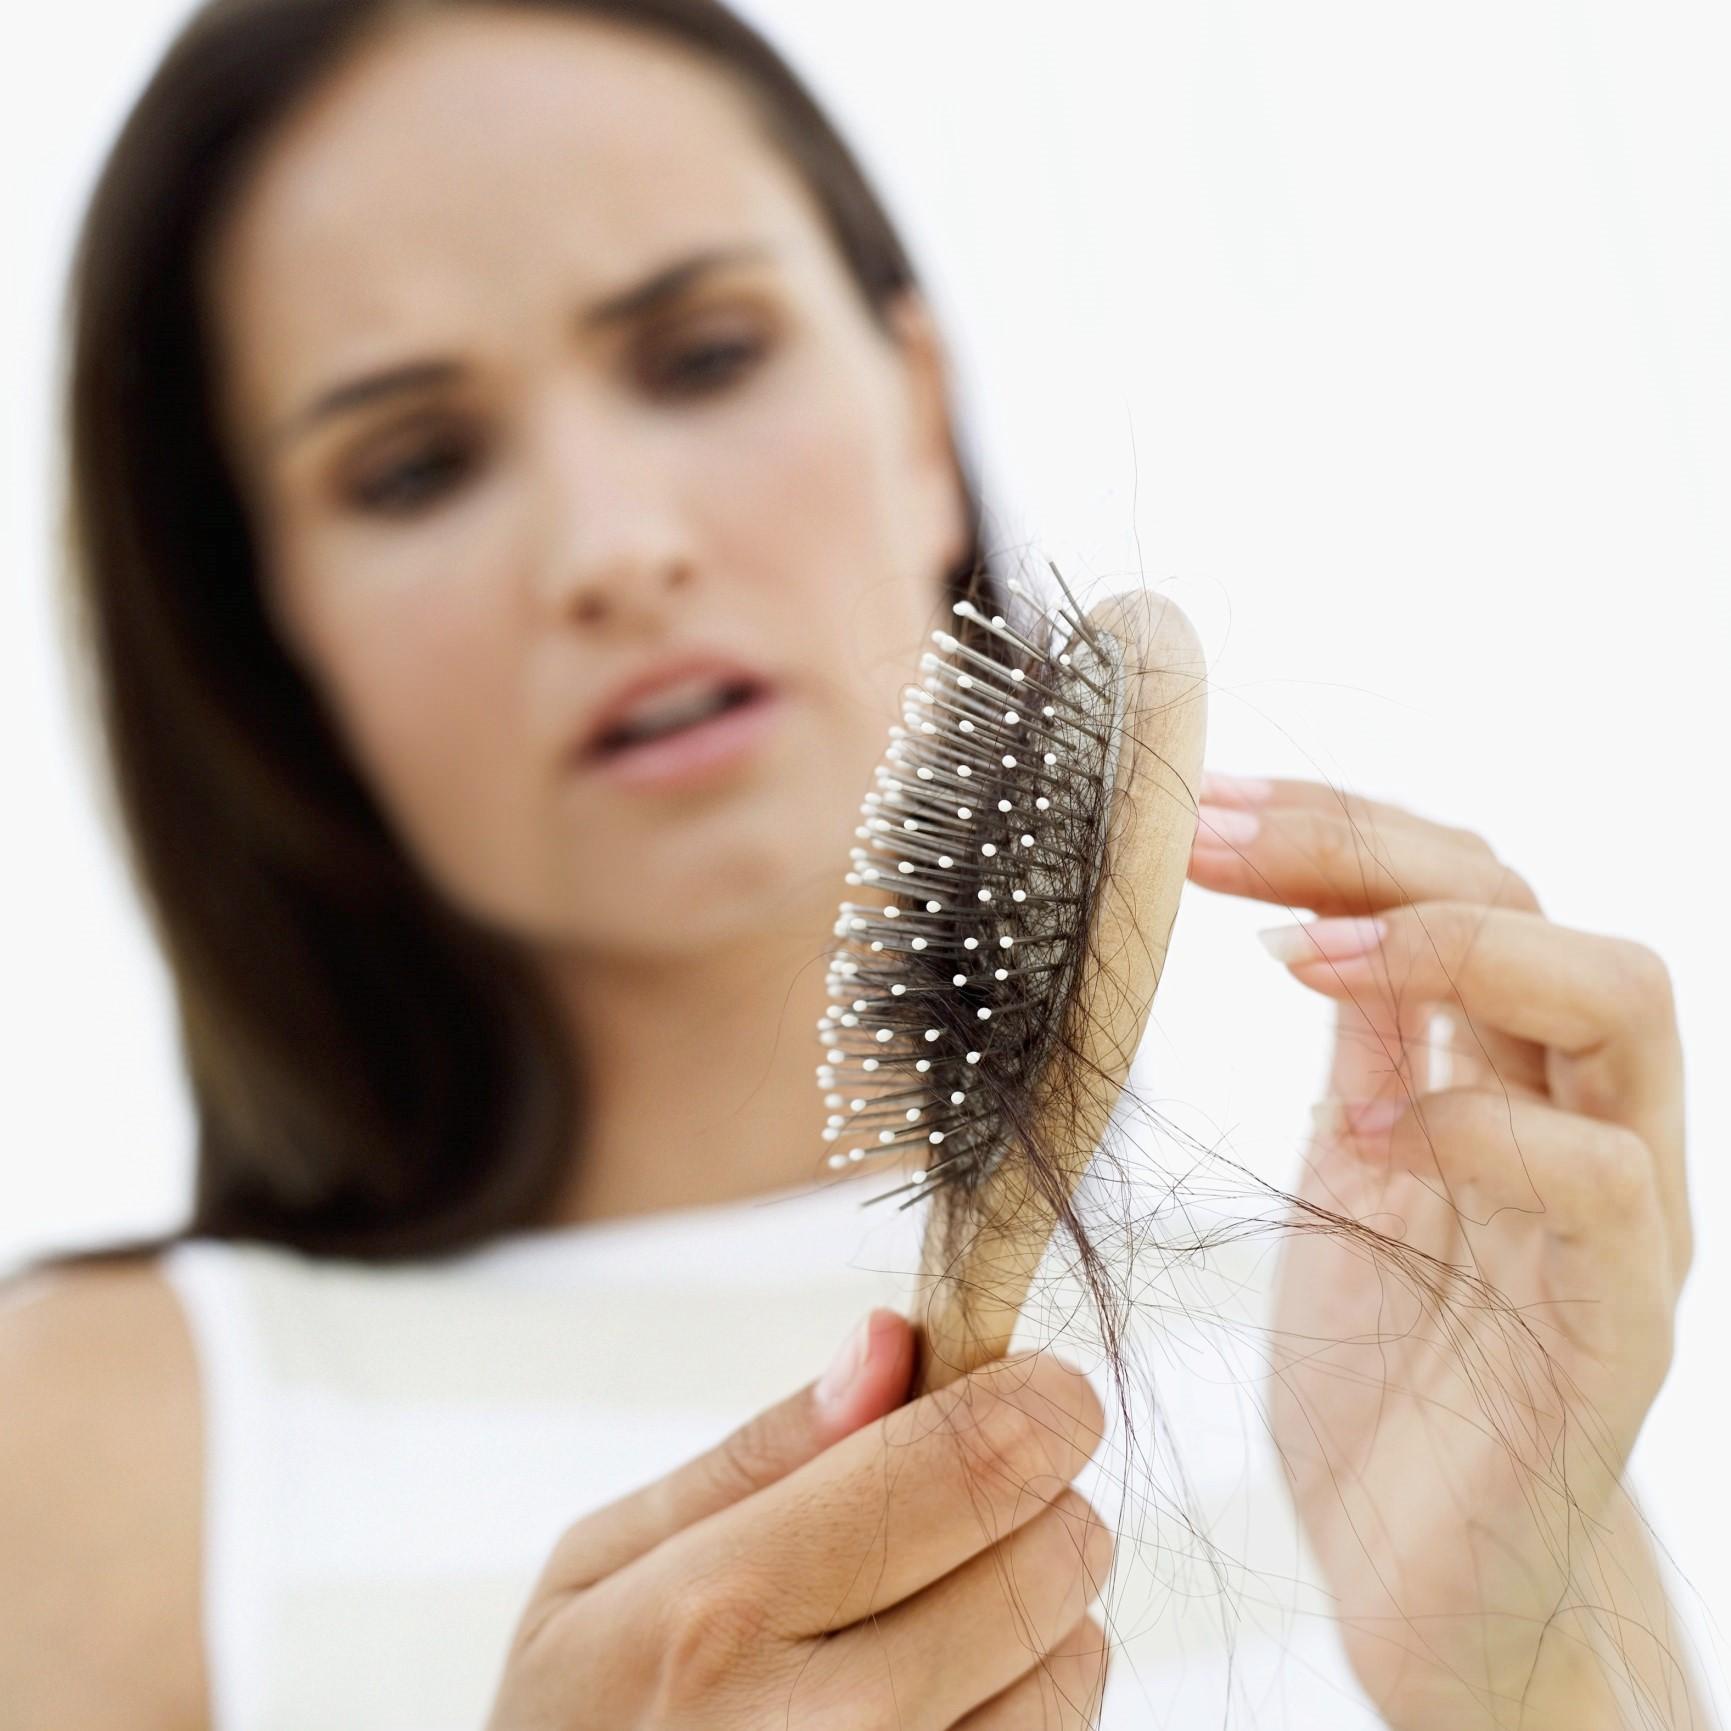 Kadınlarda Saç Dökülmesinin Başlıca Nedenleri